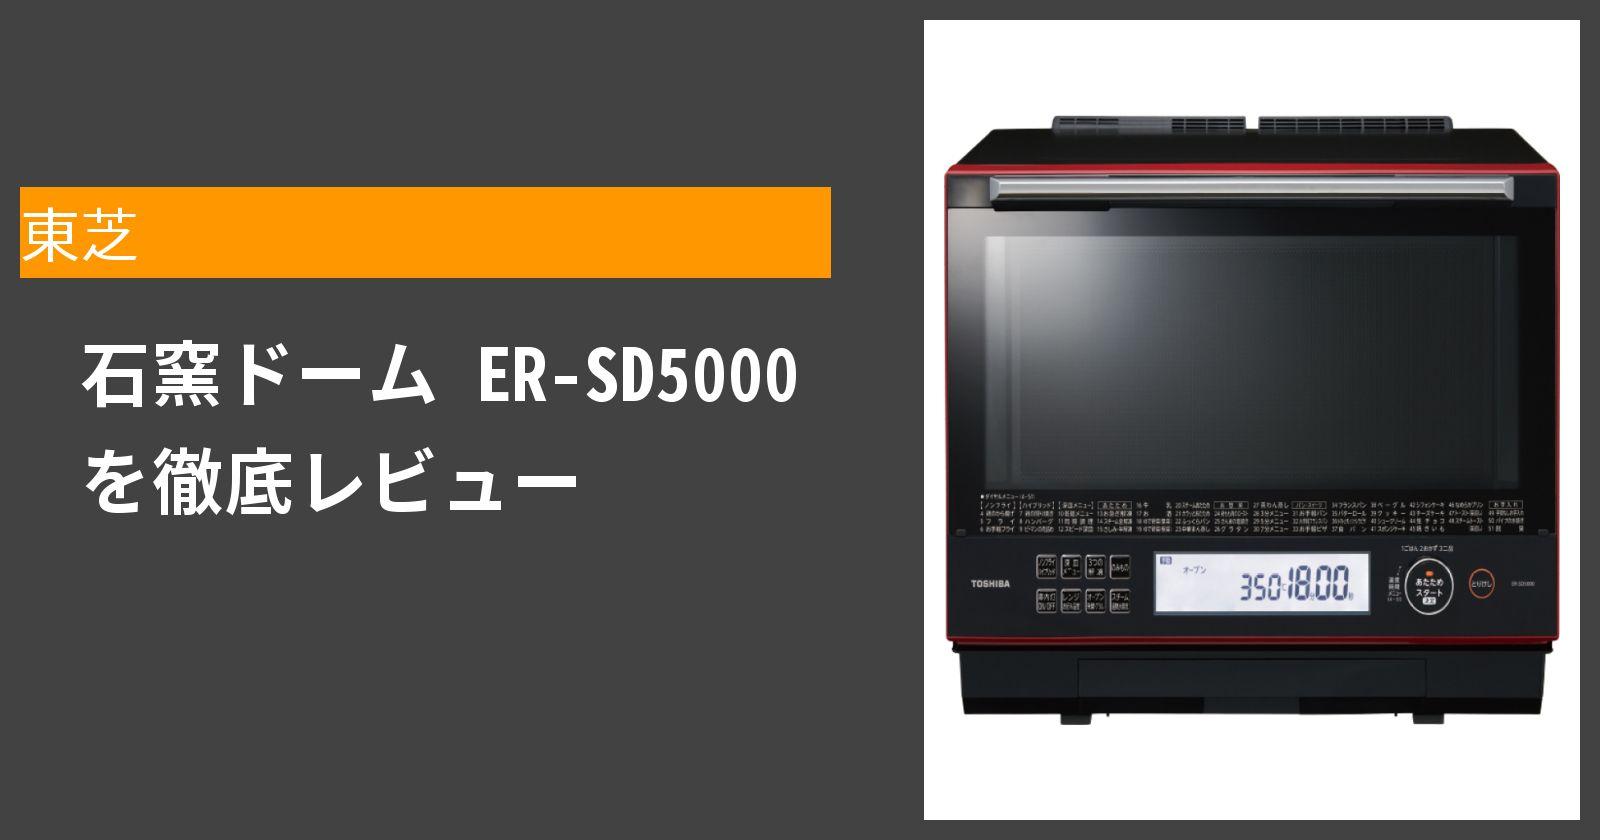 石窯ドーム ER-SD5000を徹底評価